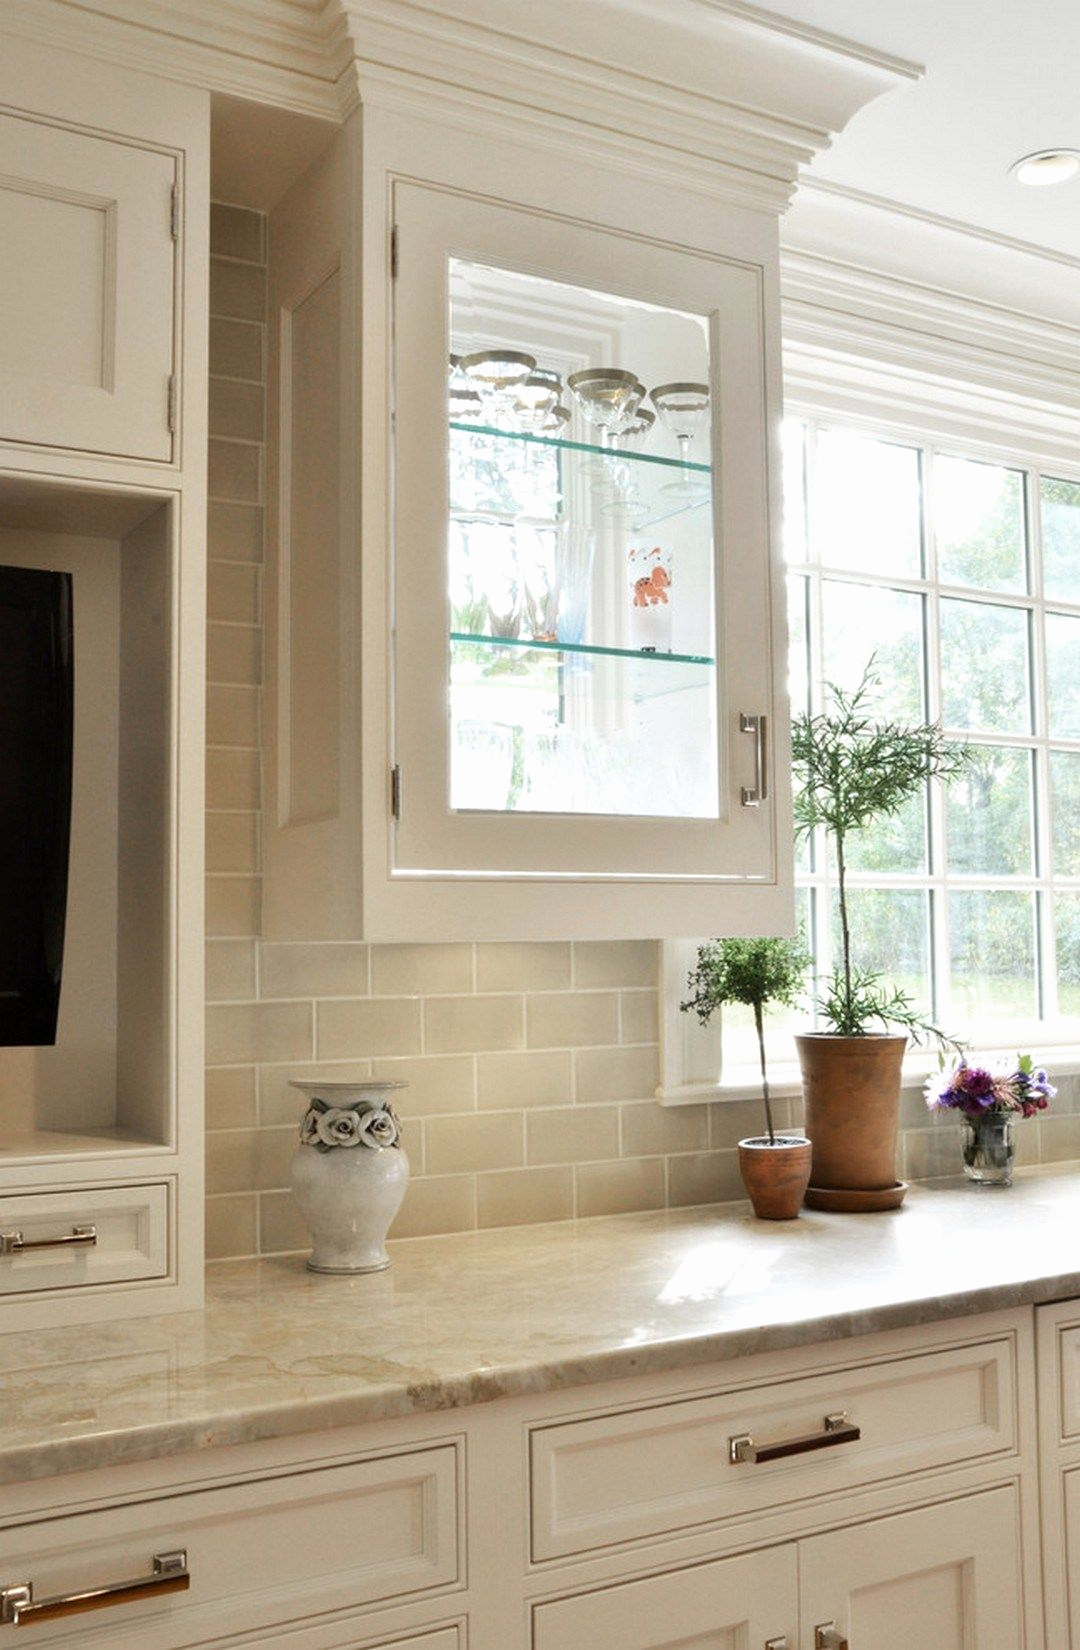 ideas for backsplash - 99 Elegant Subway Tile Backsplash Ideas For Your Kitchen Bathroom